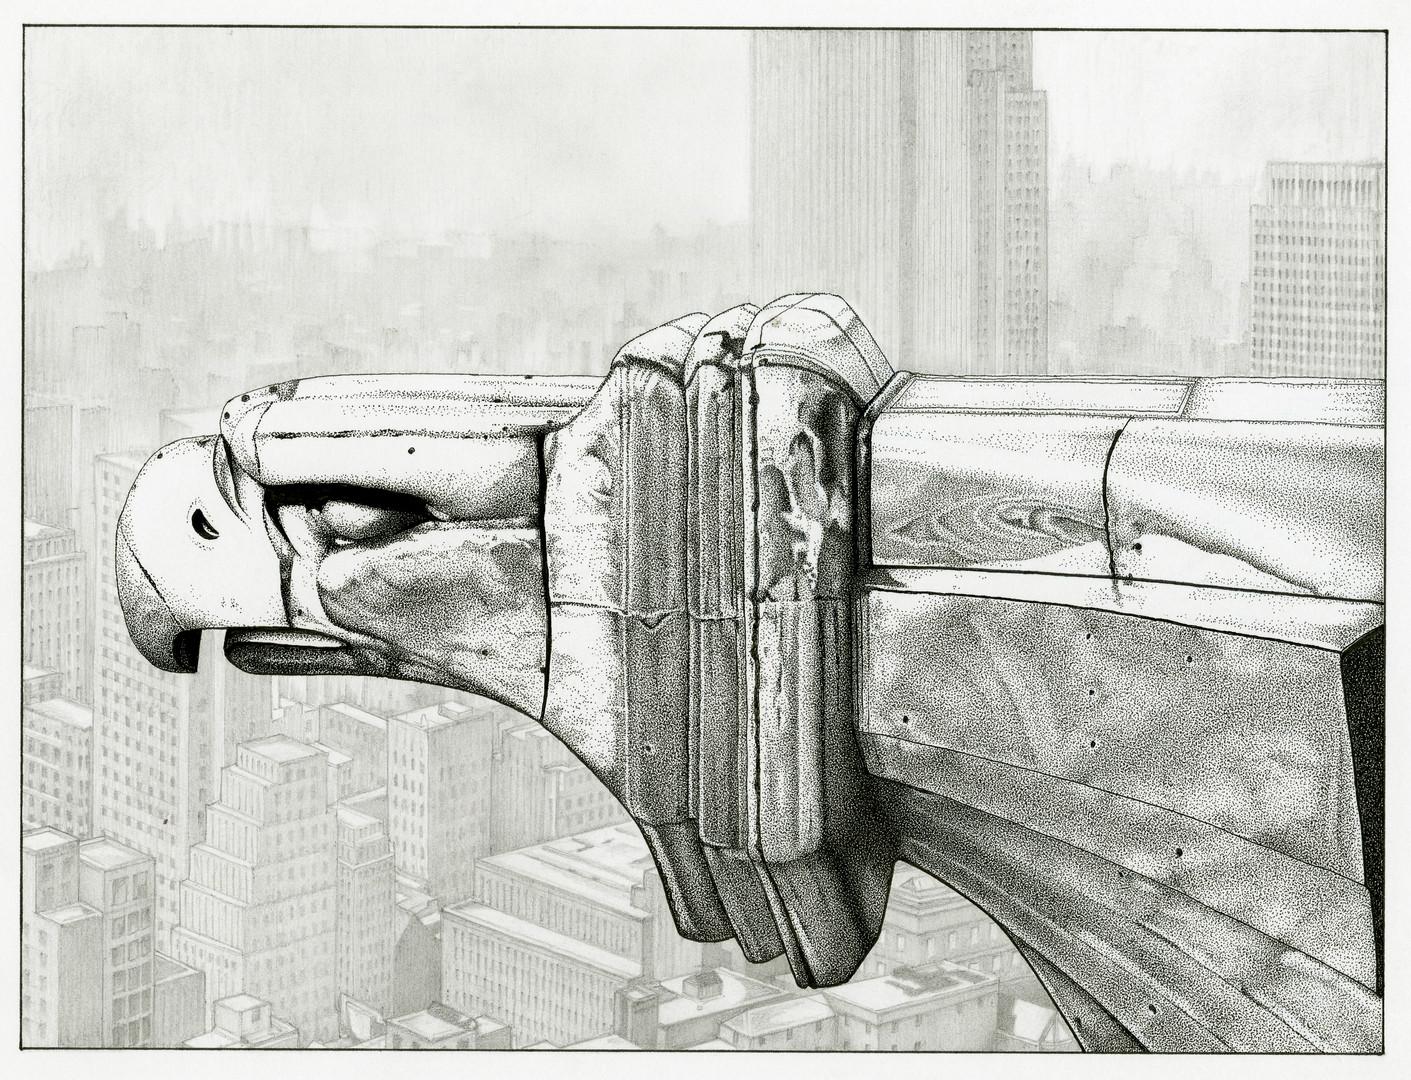 Chrysler # 2 illustration